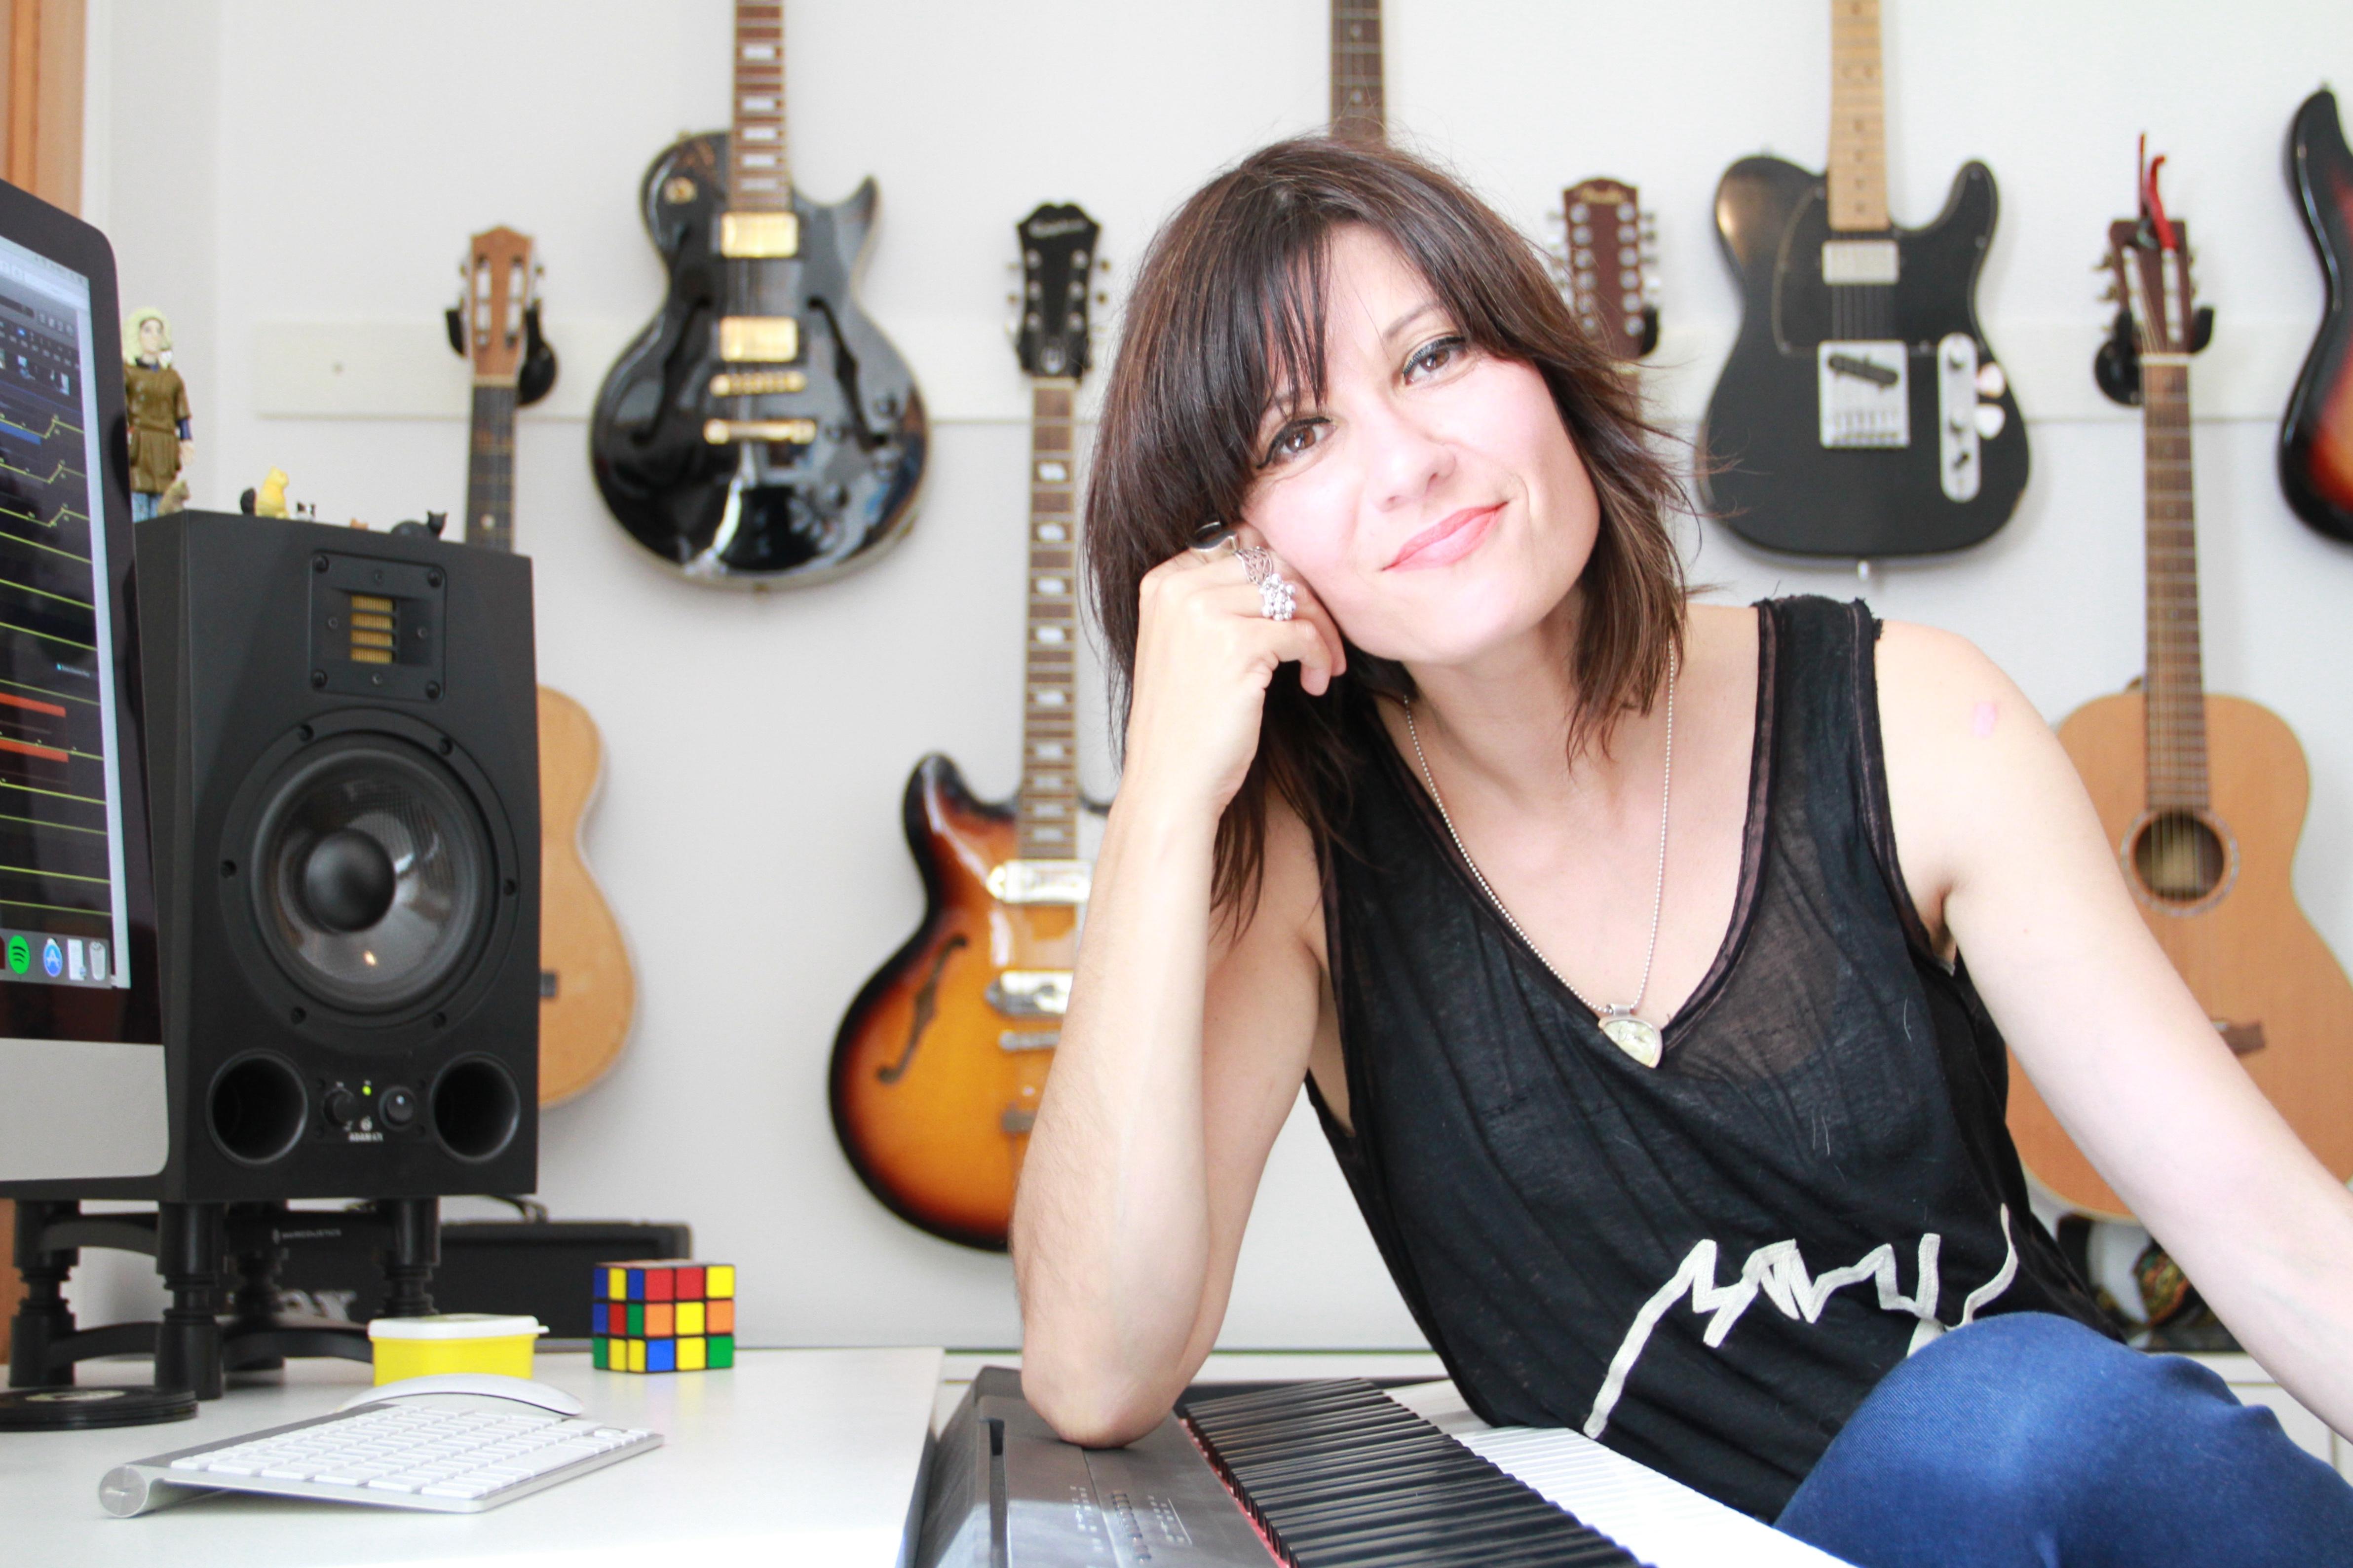 Justine Barker